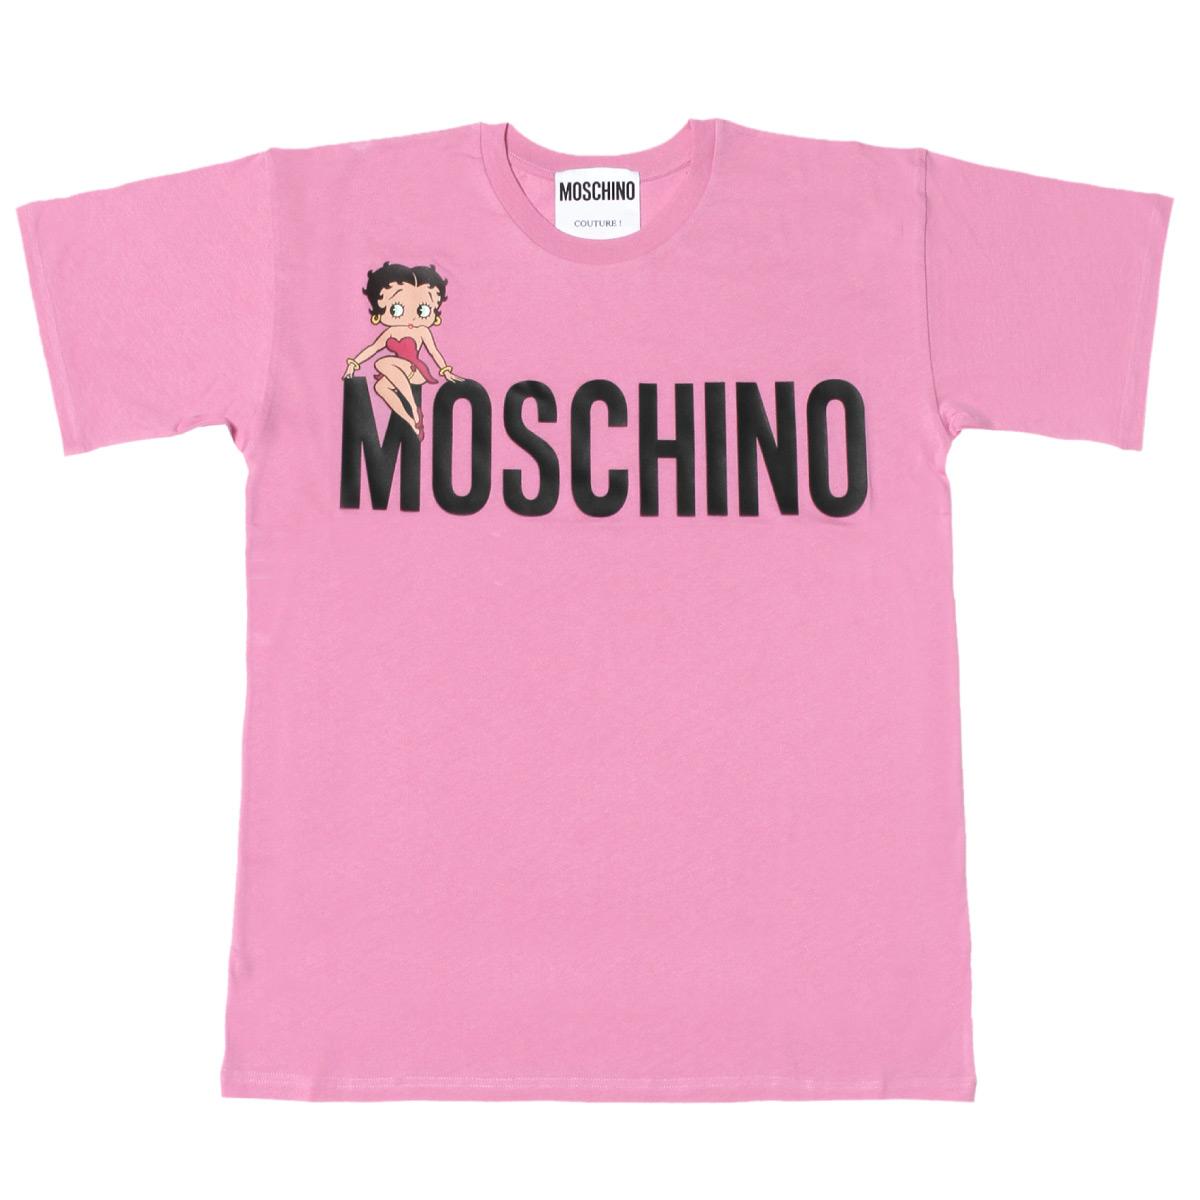 モスキーノ MOSCHINO Tシャツ レディース 0704 0540 1208 半袖Tシャツ PINK ピンク